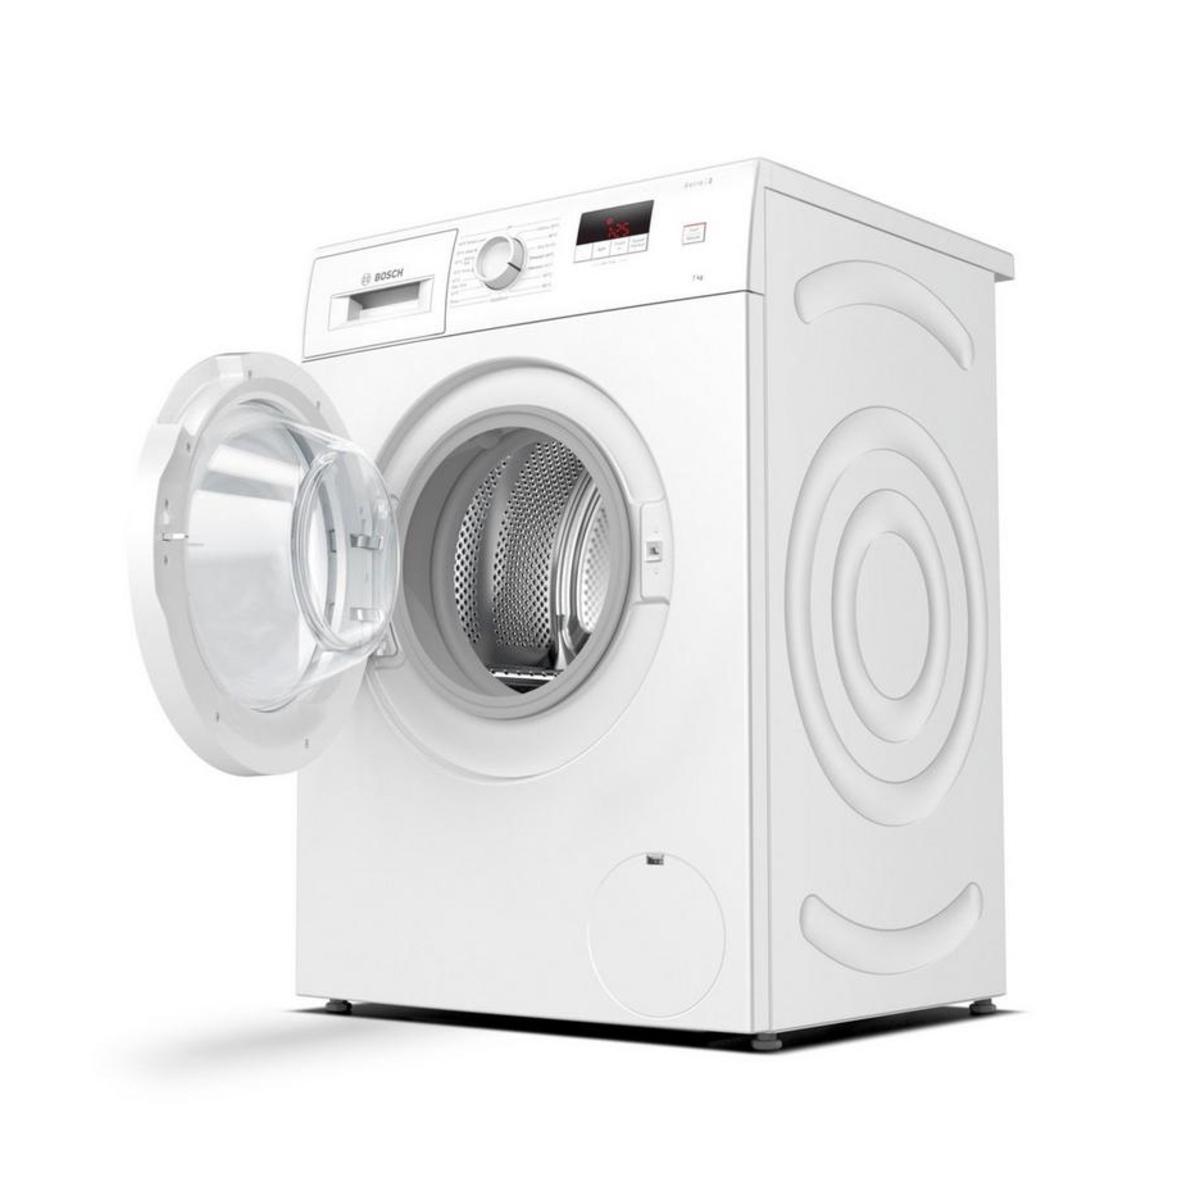 Bosch WAJ28008GB A+++ Rated 7kg 1400 Spin Washing Machine